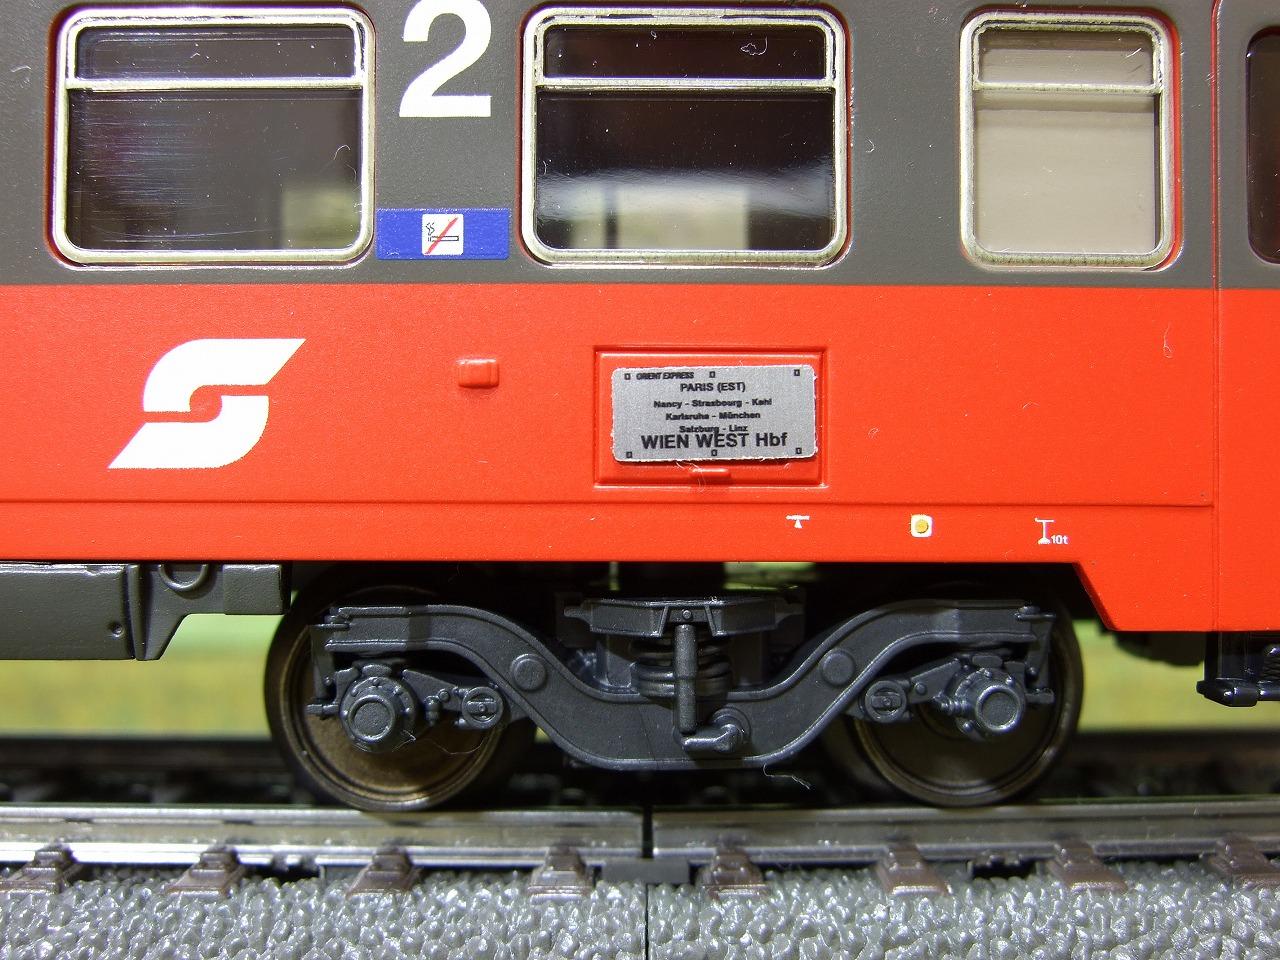 オーストリア国鉄(OeBB) 急行列車セット (42723) 3回目 2等車 その2 ...